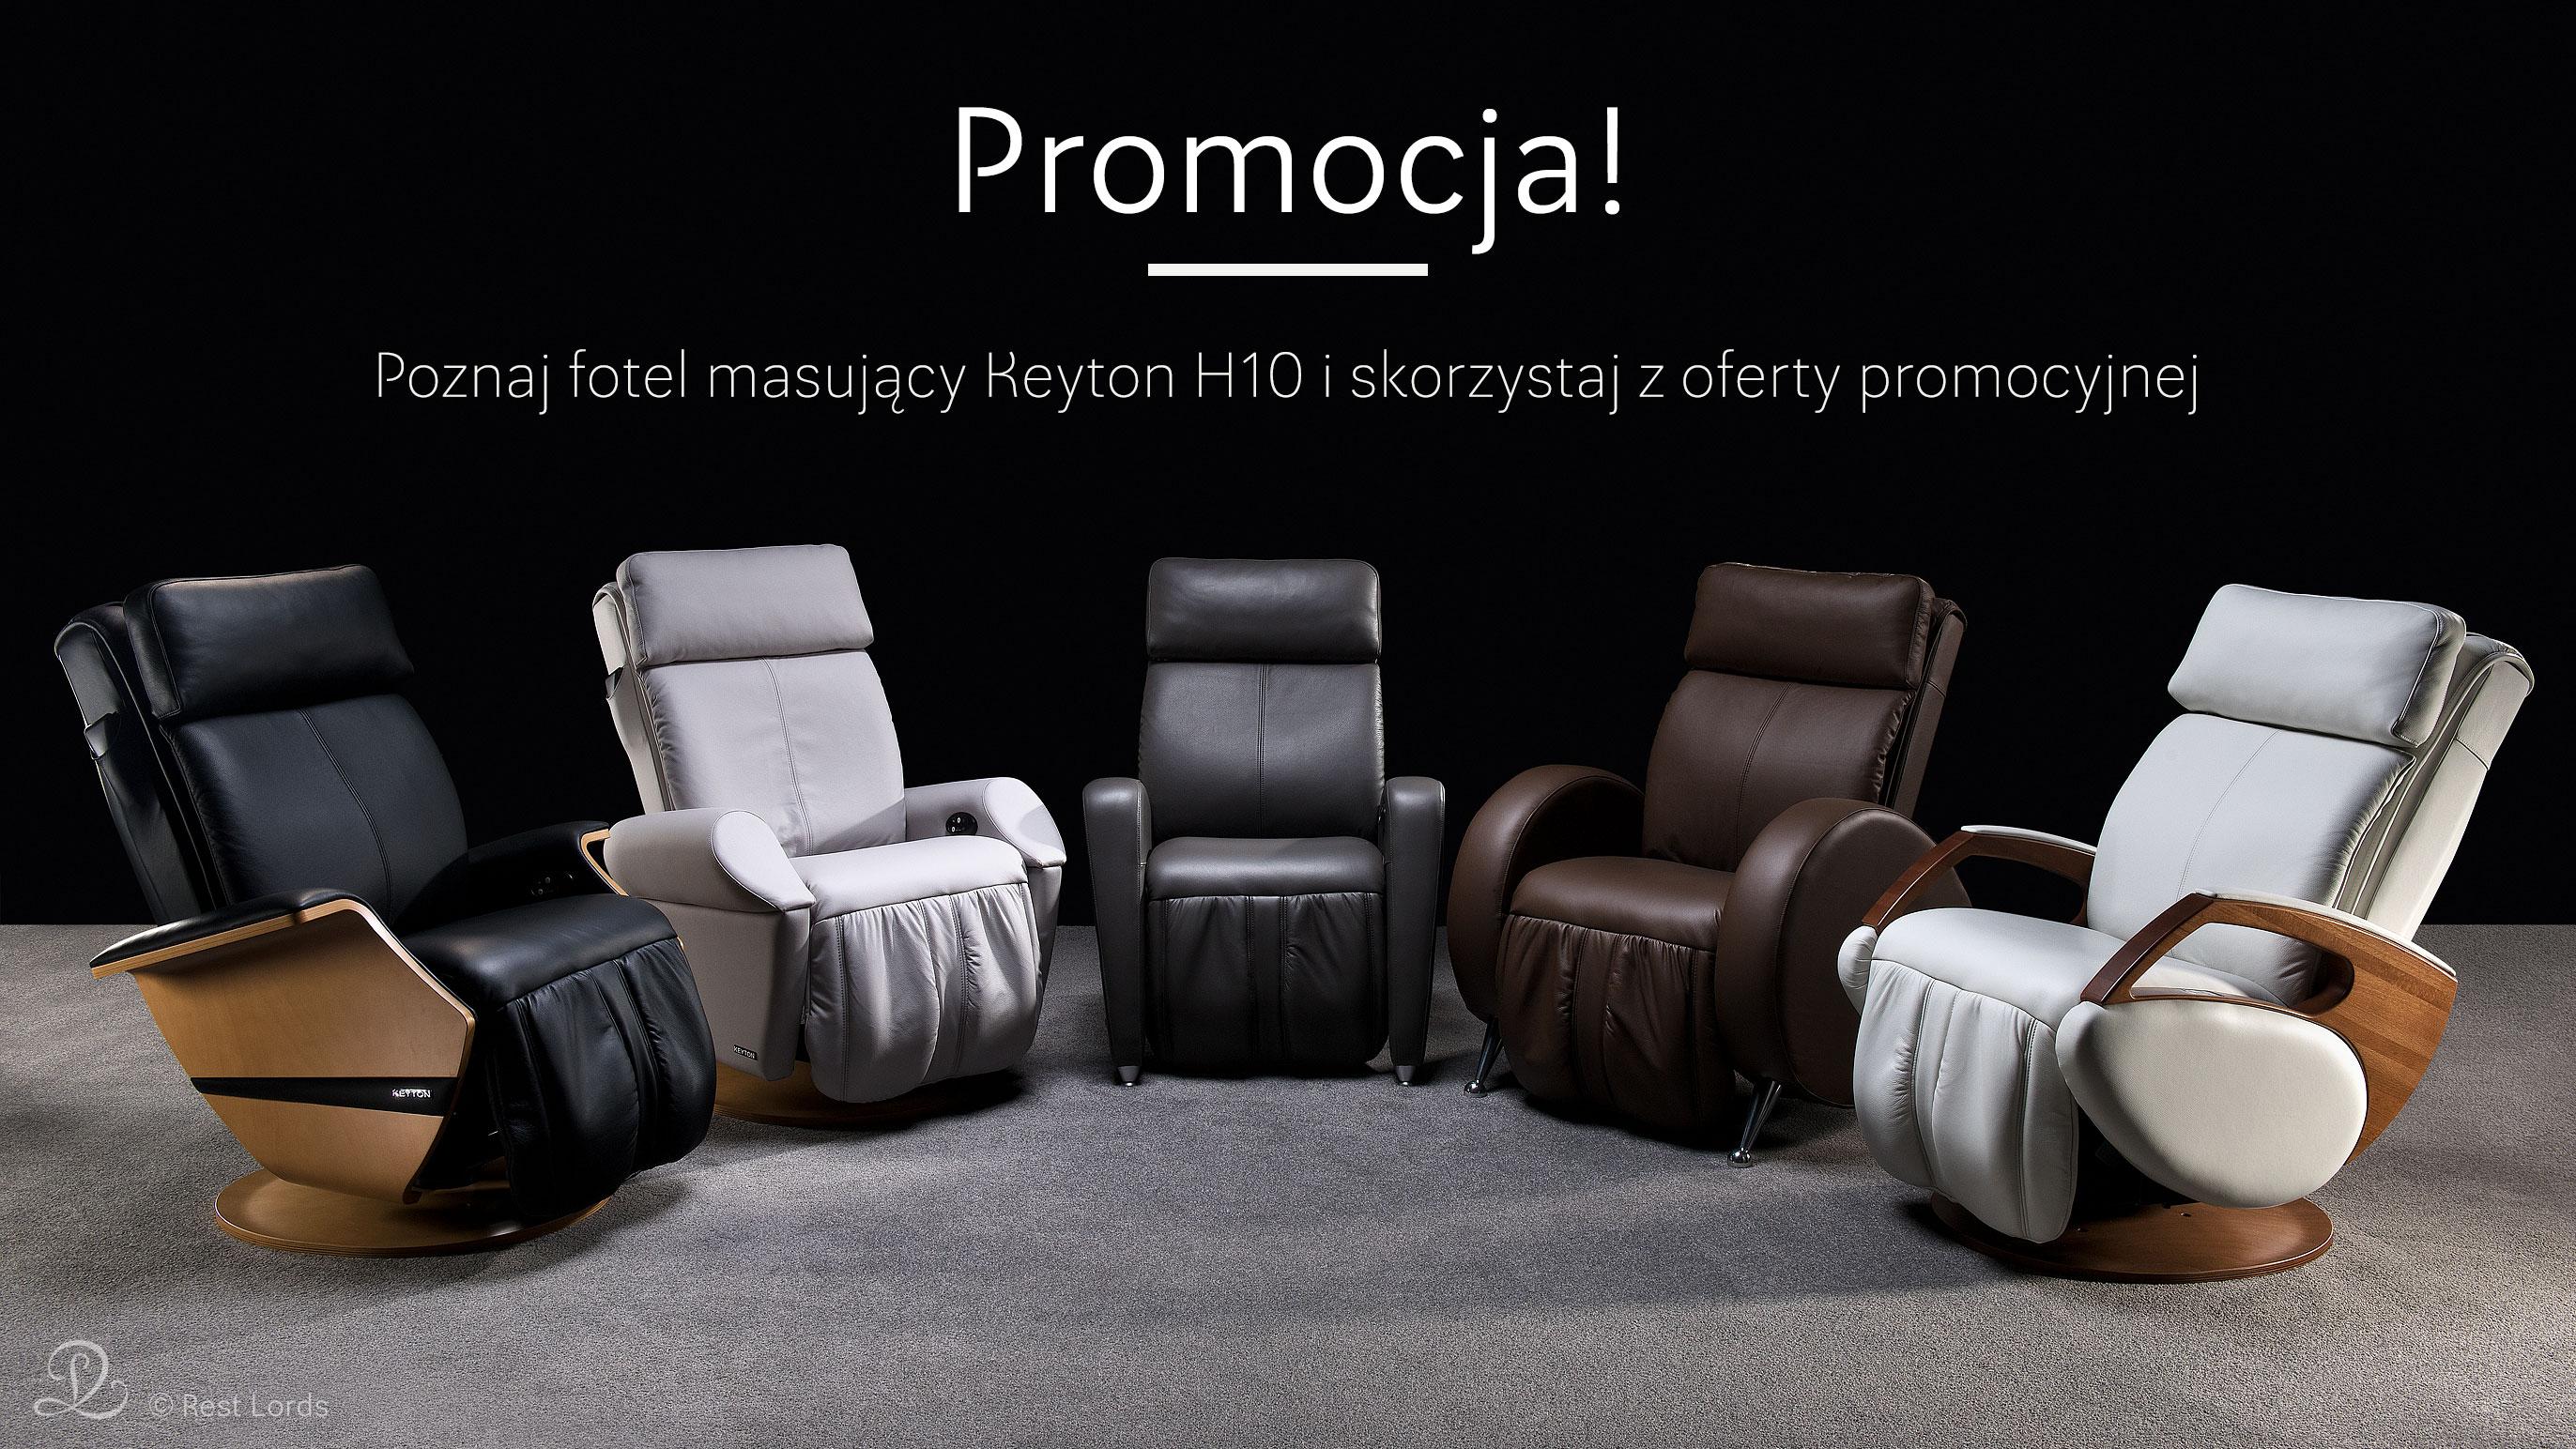 Fotel masujący Keyton H10 promocja wyprzedaż